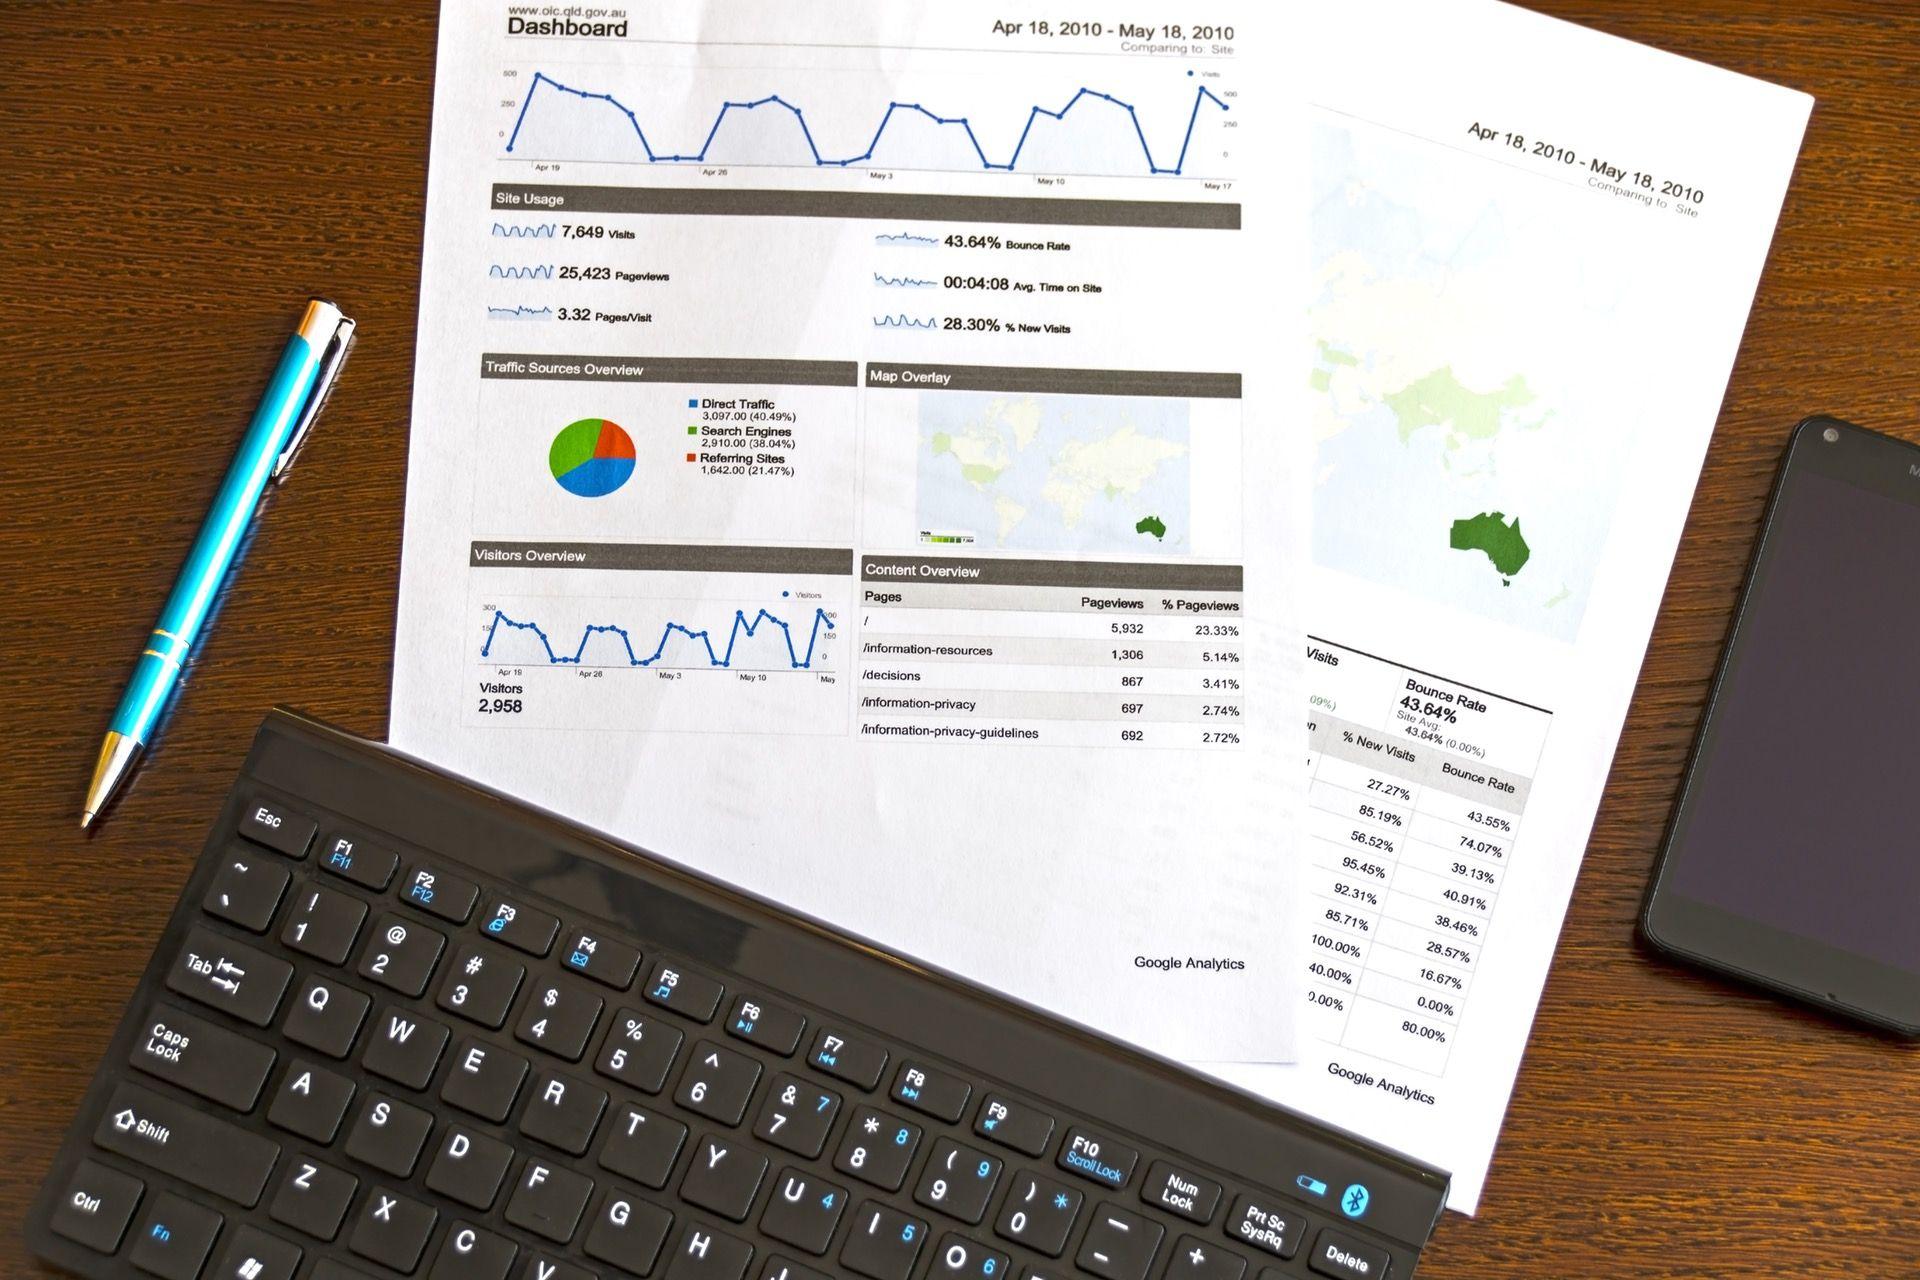 O Que É Um Autoresponder?  Auto responder é uma ferramenta de envio de e-mail marketing automatizado, que além de ajudar a organizar sua base de leads, também envia seqüências de e-mails programados previamente, e emitir os relatórios de análise.  Aprenda Mais Em ==> http://bit.ly/AutoMKT  #autoresponder #emailmarketing #ferramenta #automatizado #organização #leads #email #relatórios #análise #followup #broadcast #autonomo #autonomonaweb #lista #contato #webmarketer #mensagem…